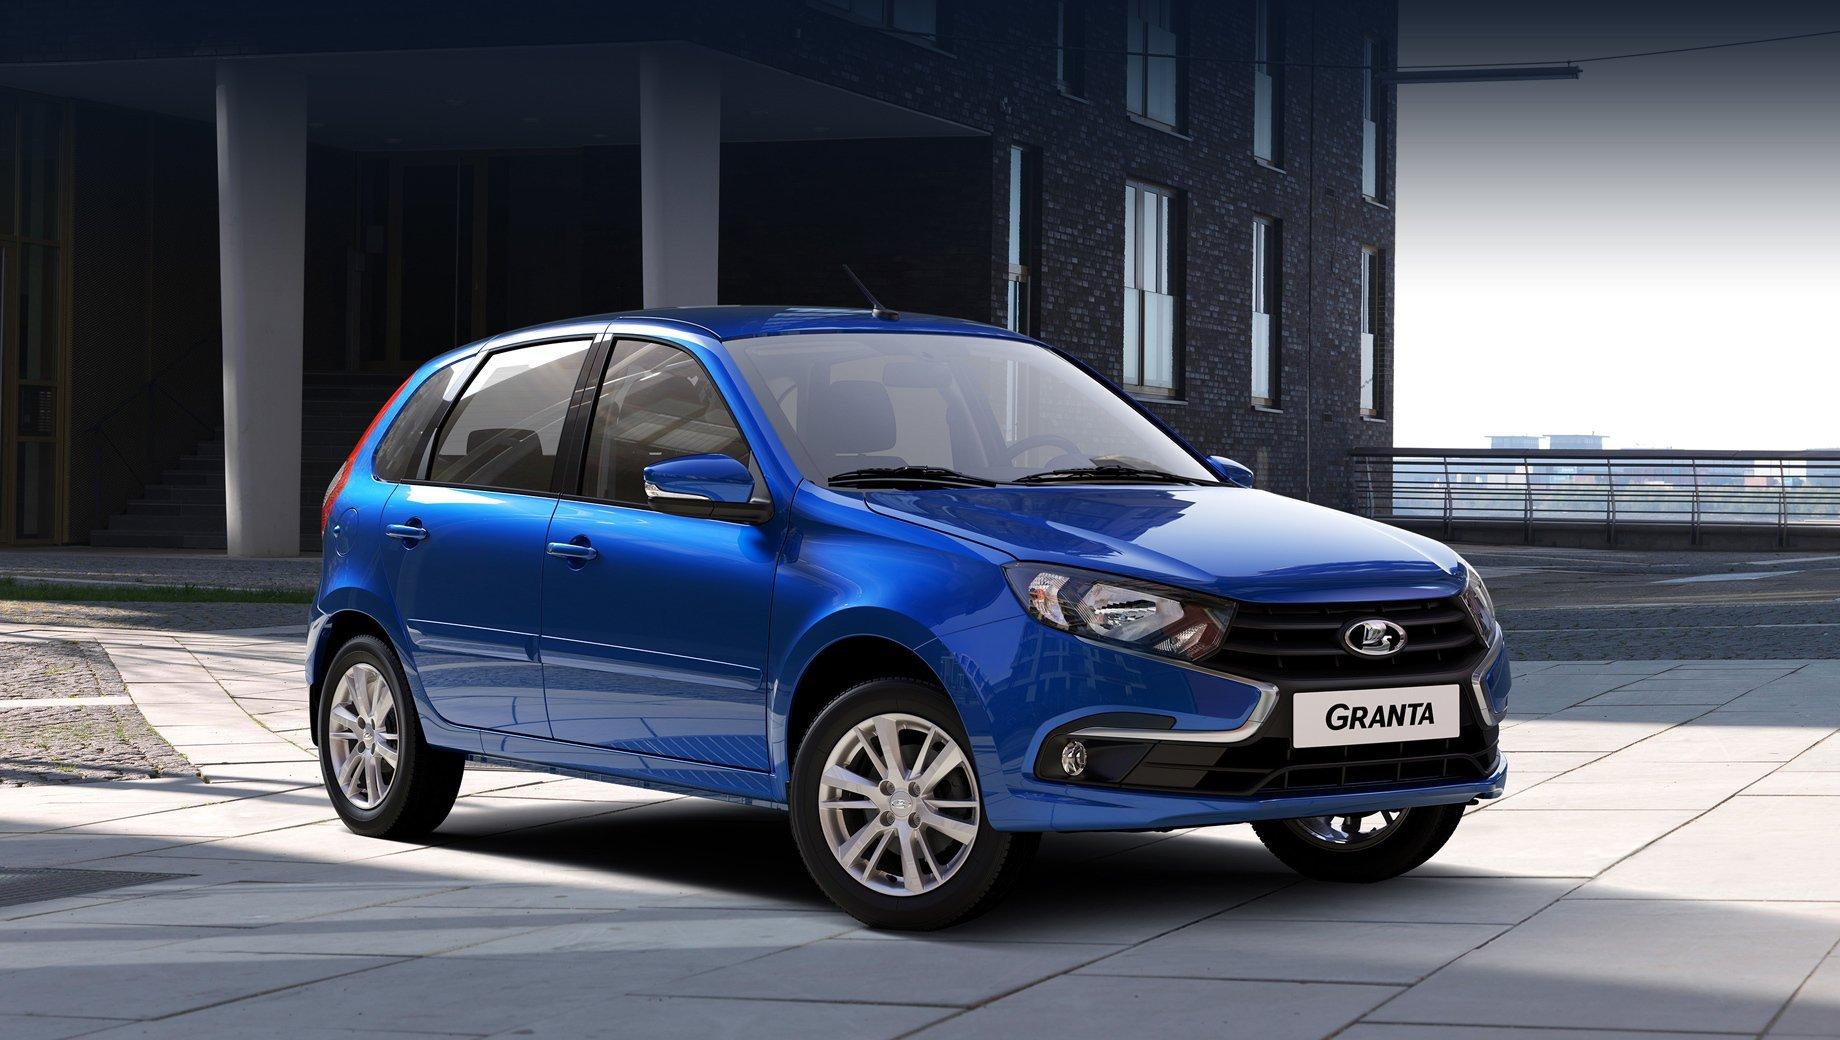 Названа самая выгодная модель автомобиля в России